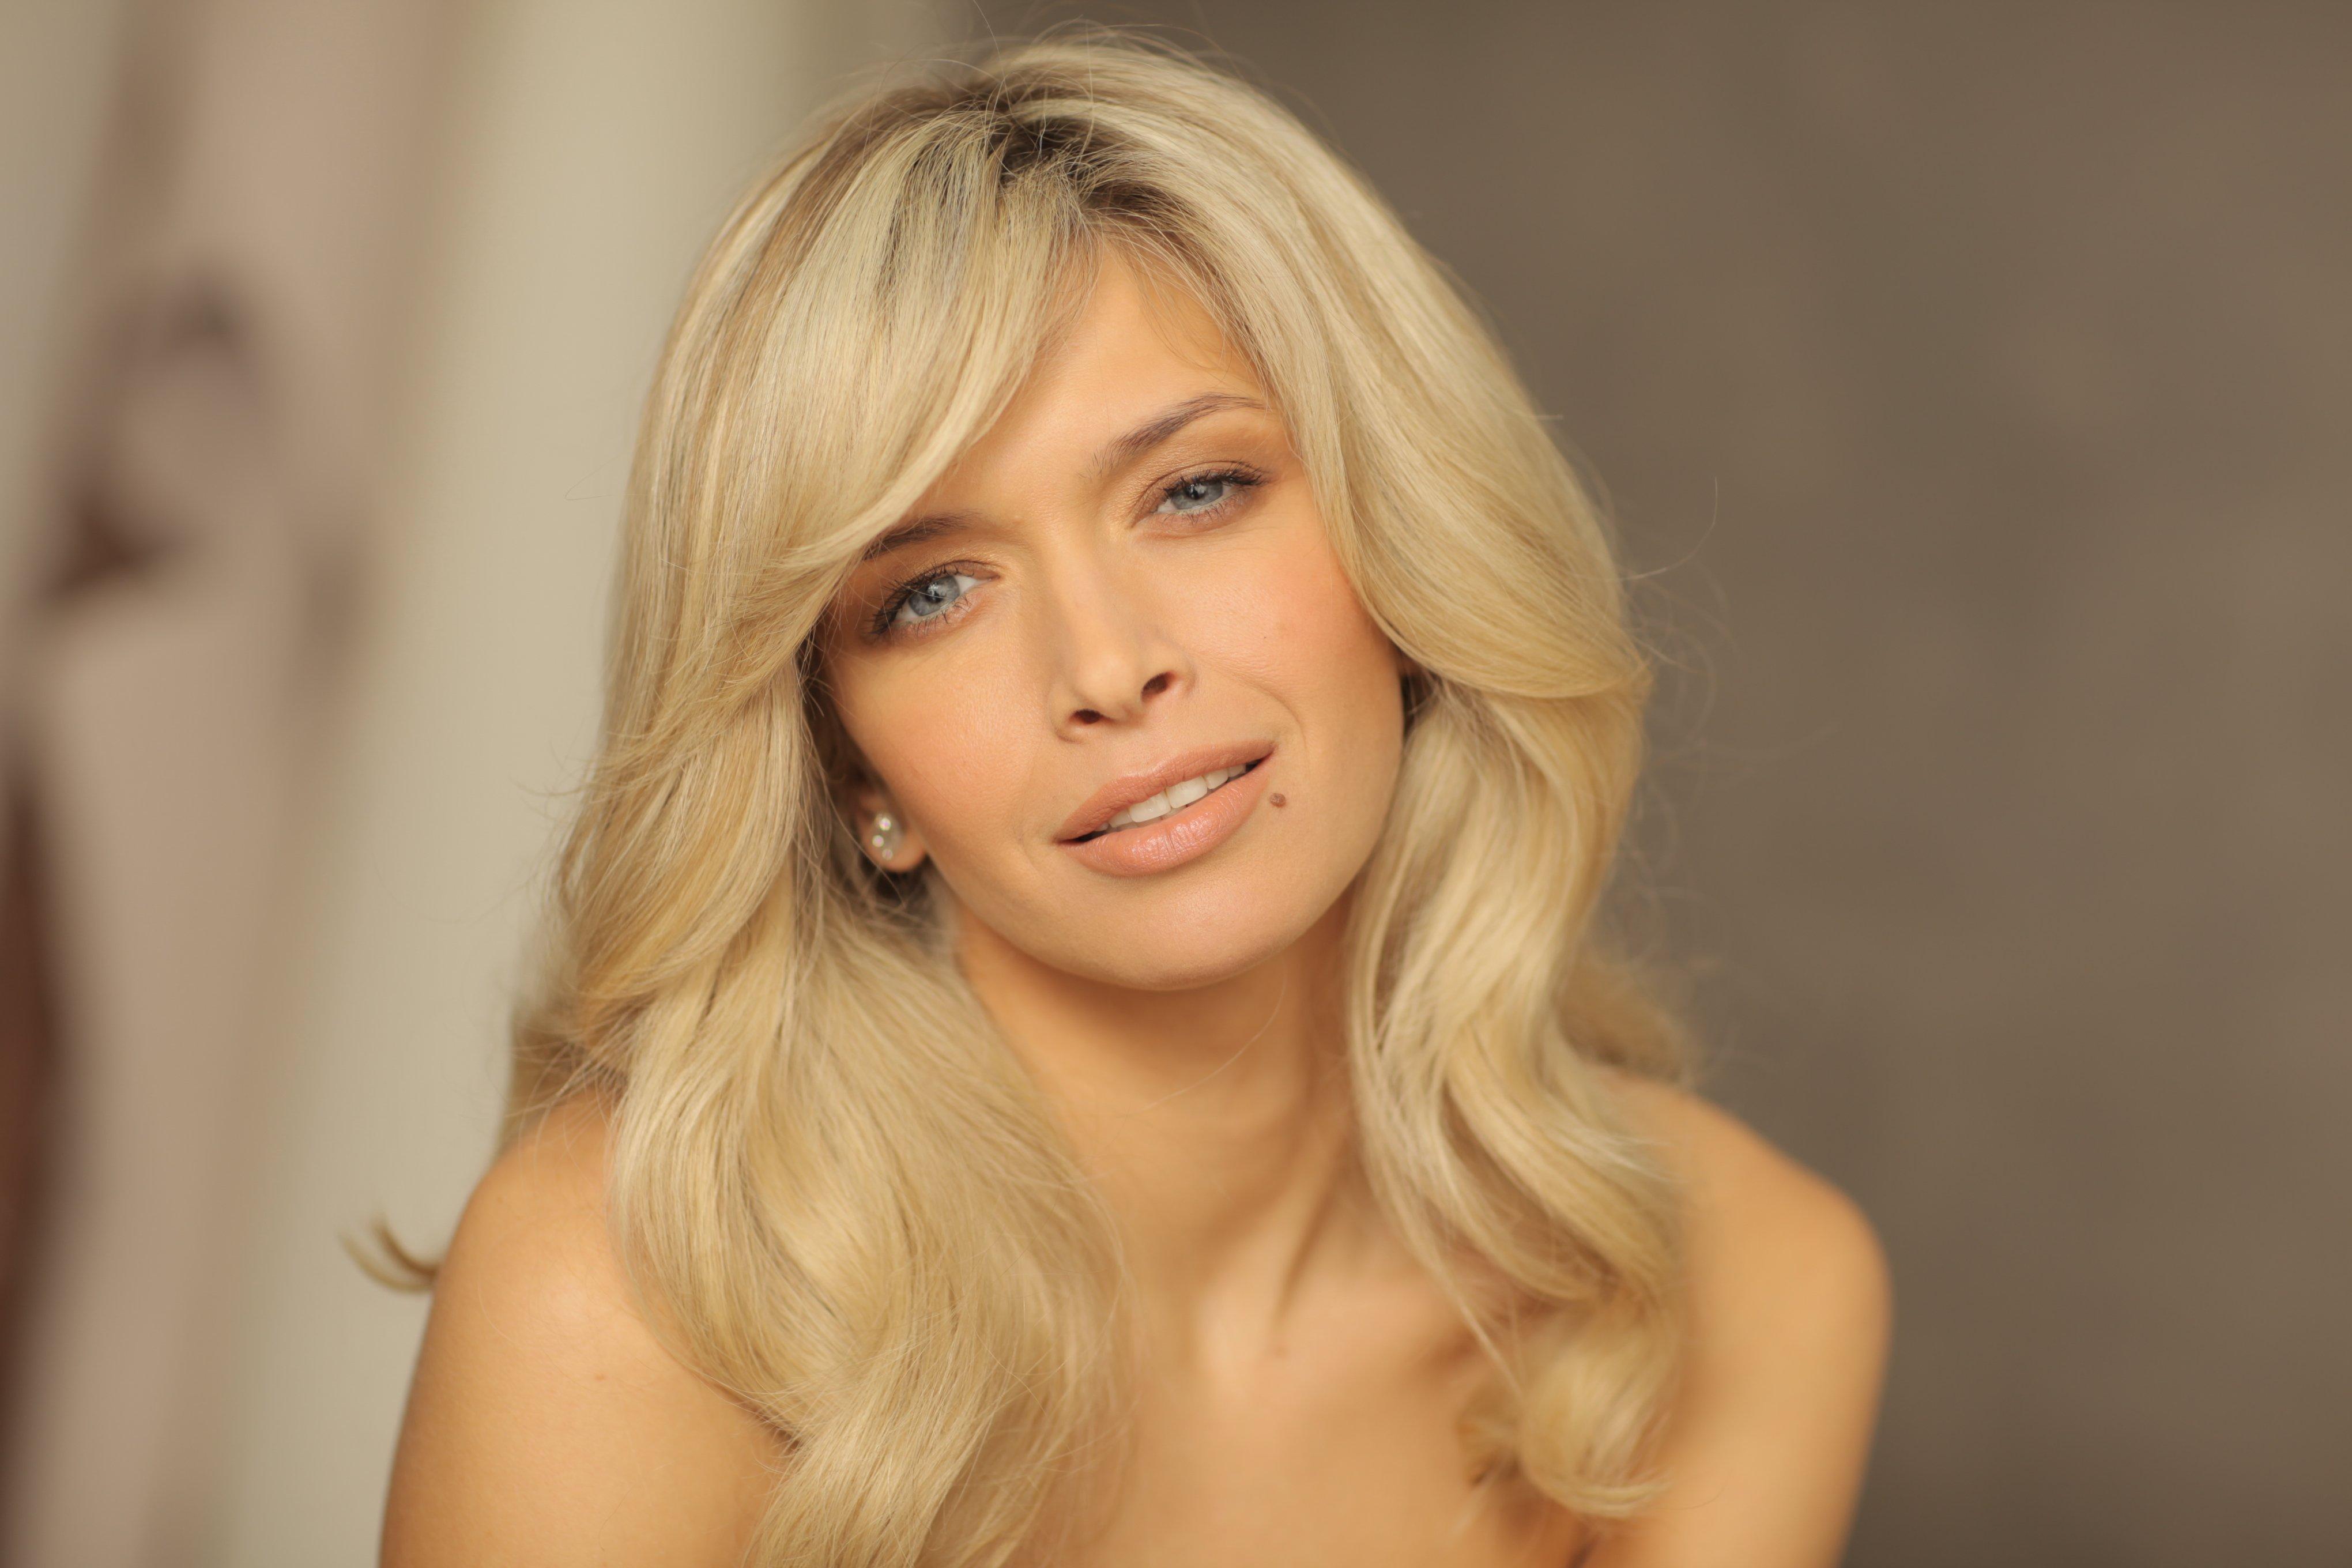 чихуахуа уже фото российских звезд женского пола фаланга